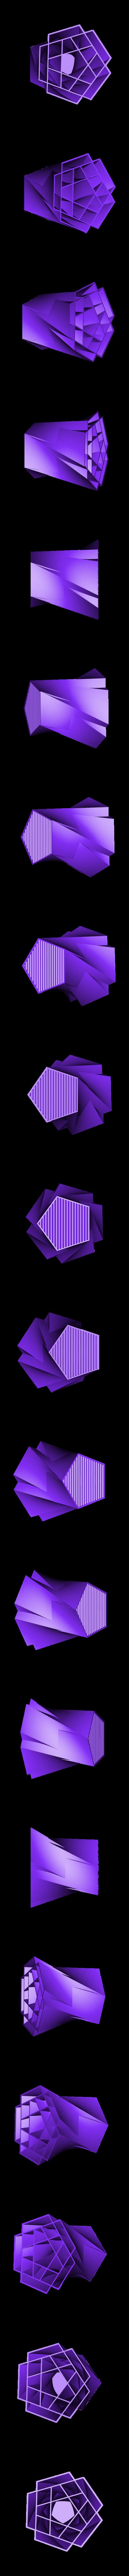 lofts2.stl Download free STL file Lofts2 • 3D print template, Birk